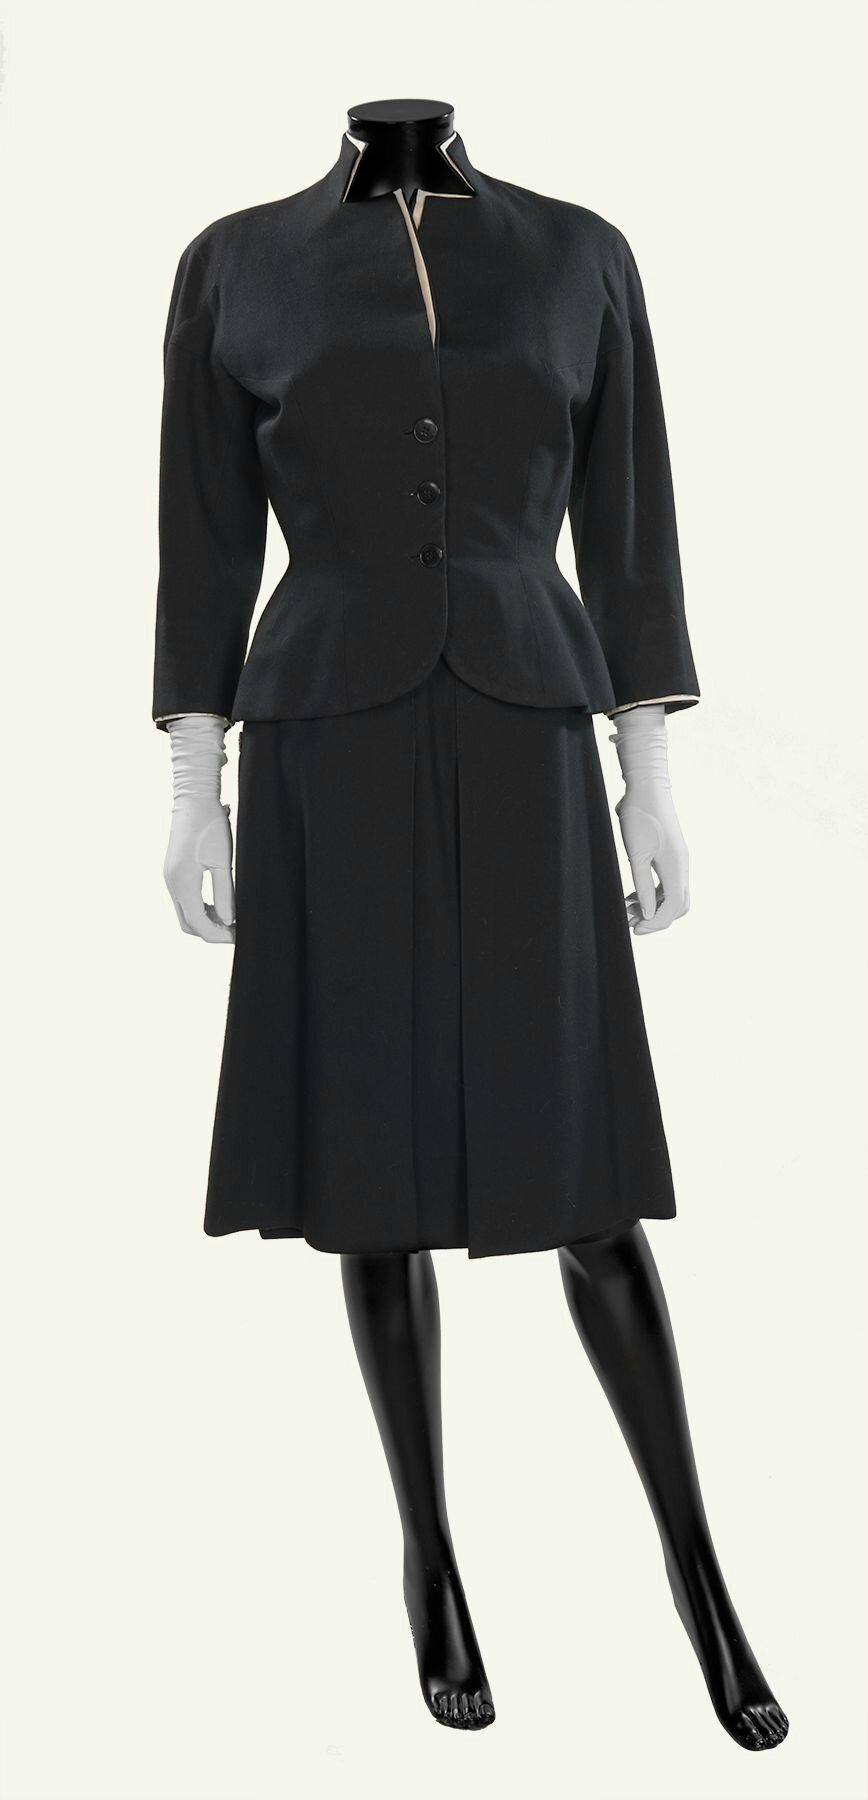 Jean DESSES Haute Couture n°7365, circa 1951. Tailleur en lainage noir